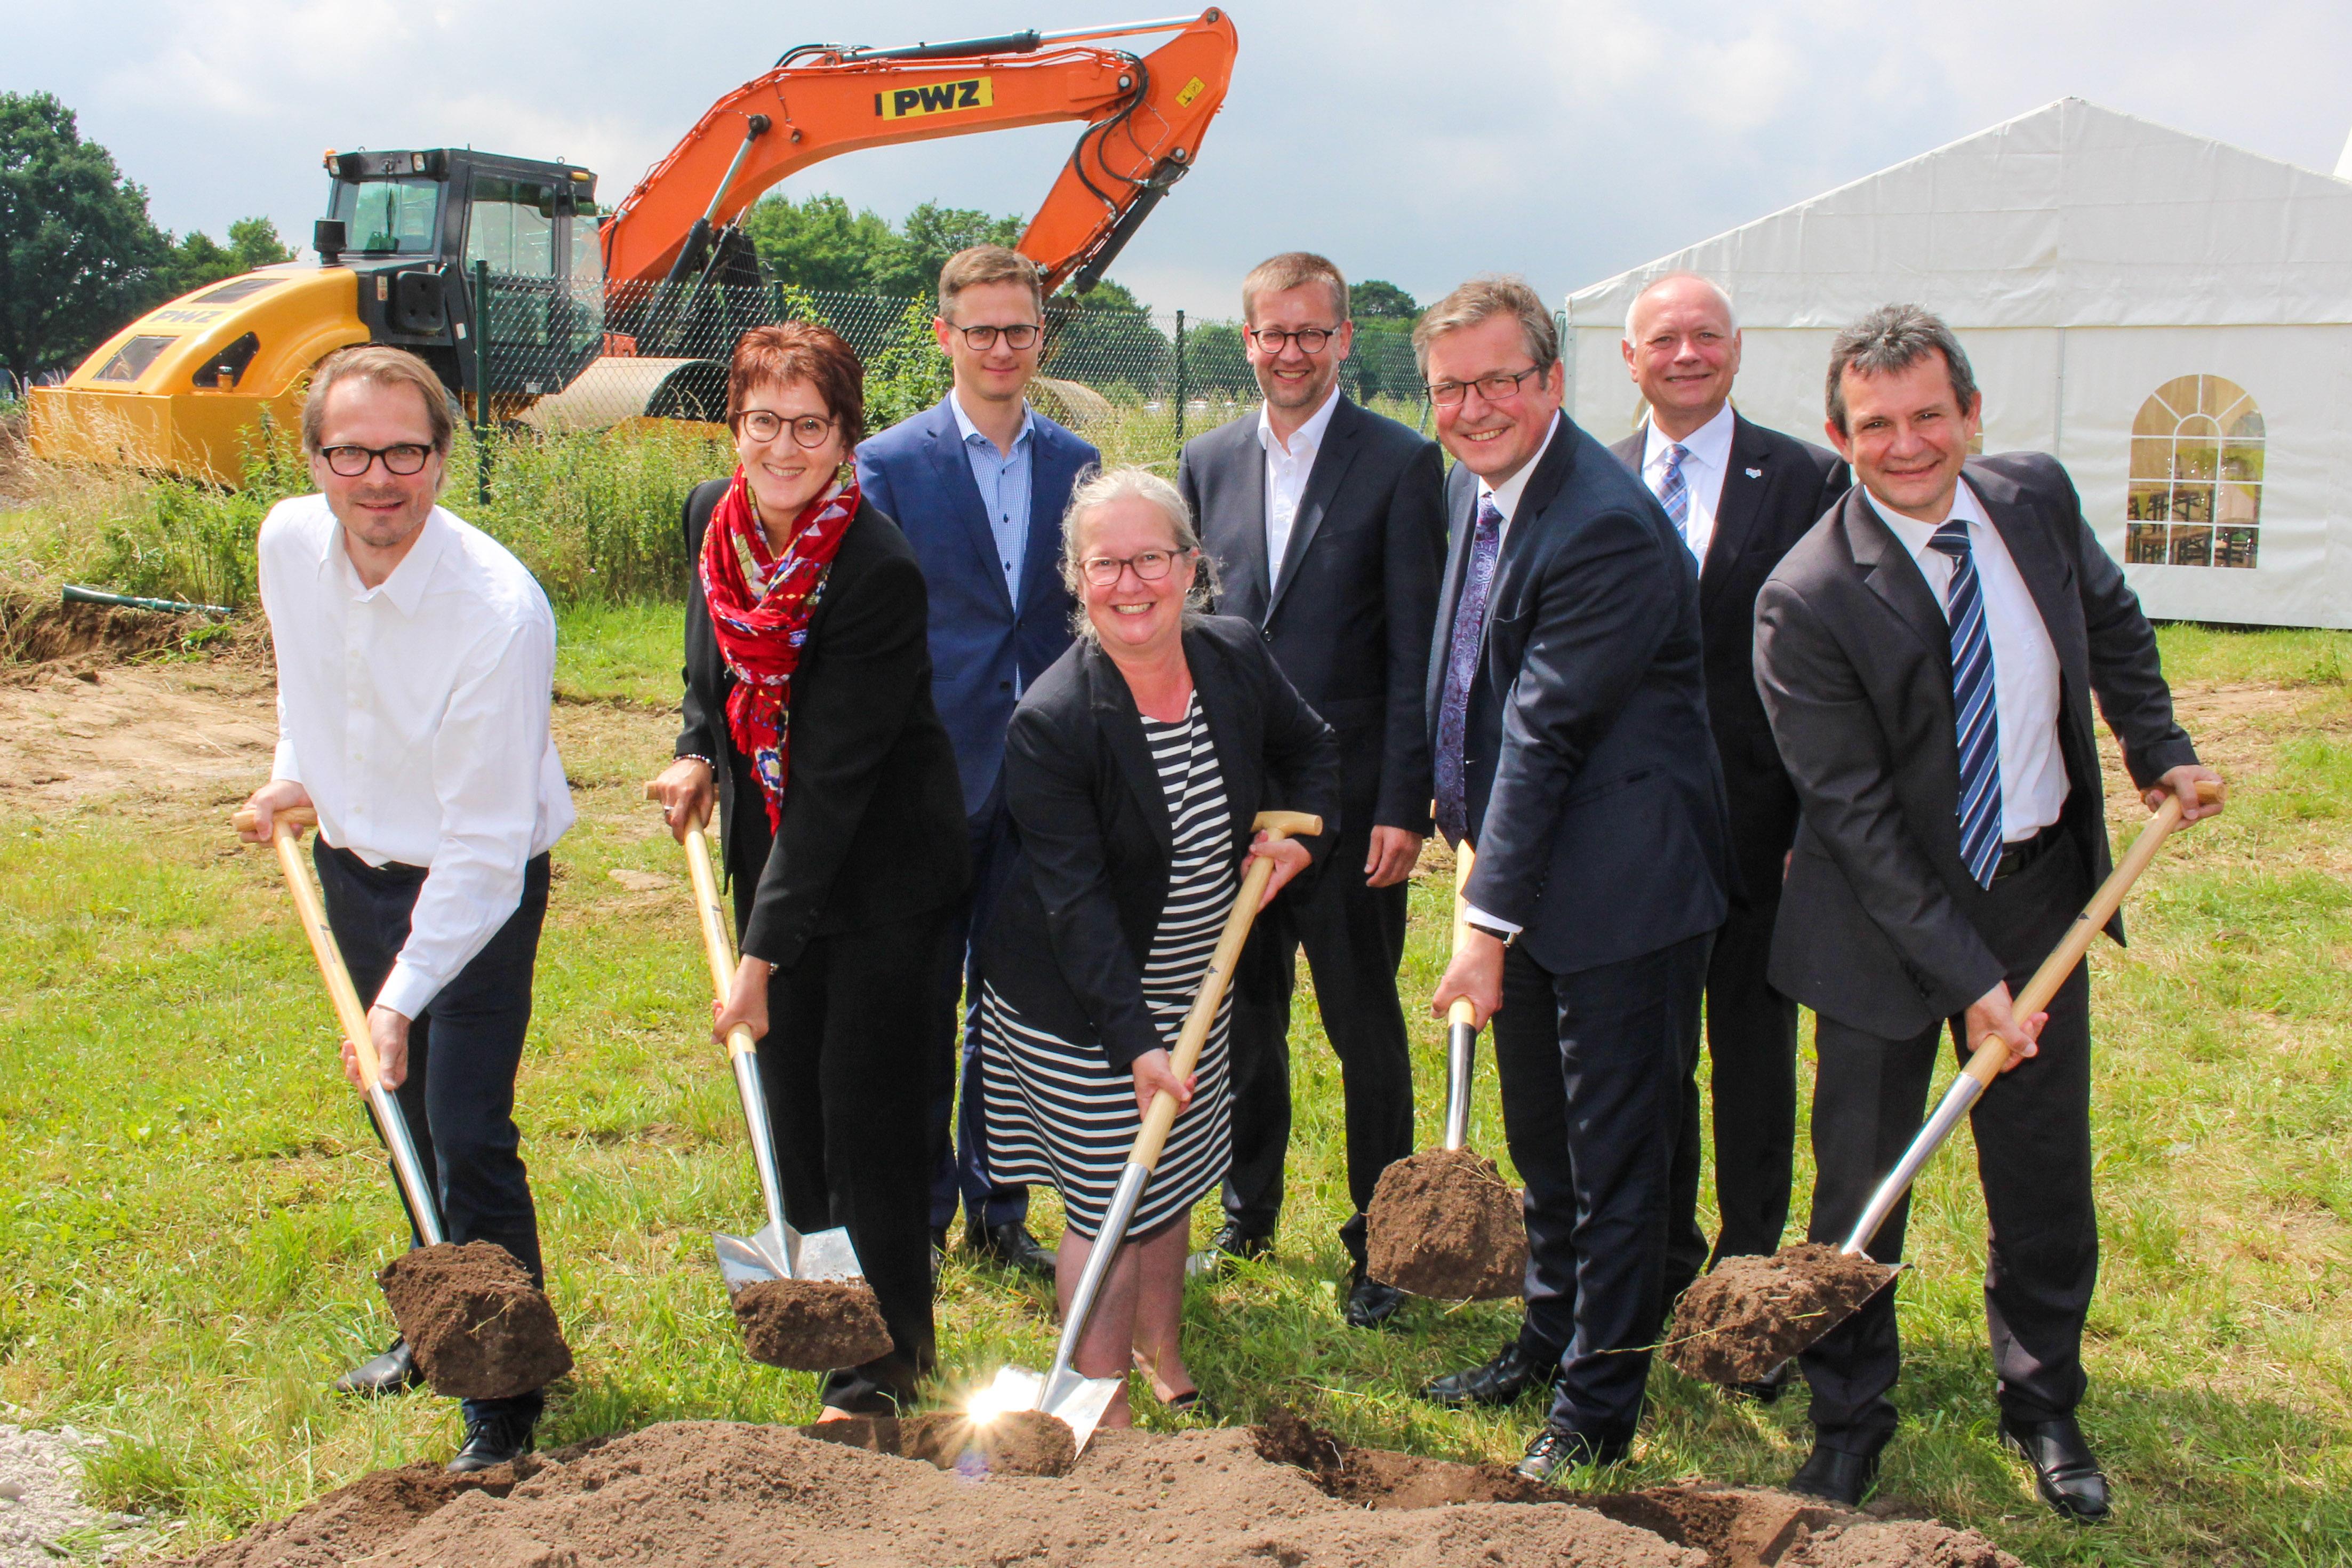 Mit dem ersten Spatenstich beginnt der Bau des neuen ILH-Forschungsgebäudes (Foto: Universität Paderborn)